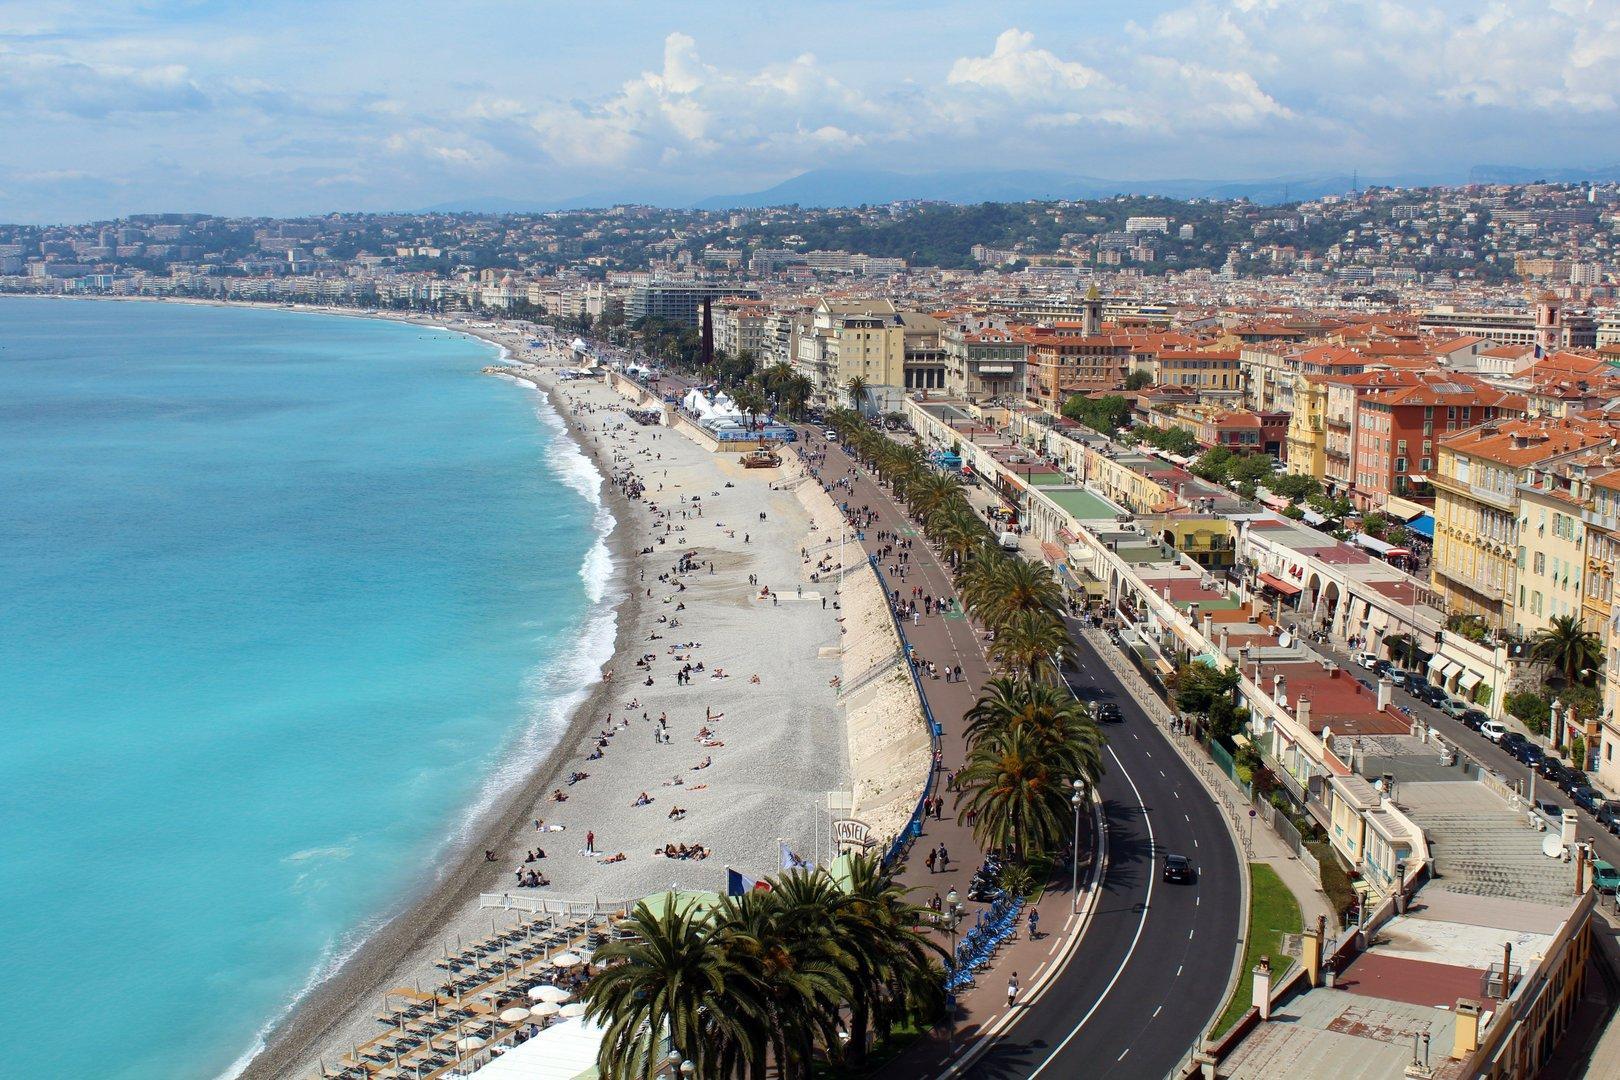 Terrorattacke in Nizza: Eine Frau soll enthauptet worden sein